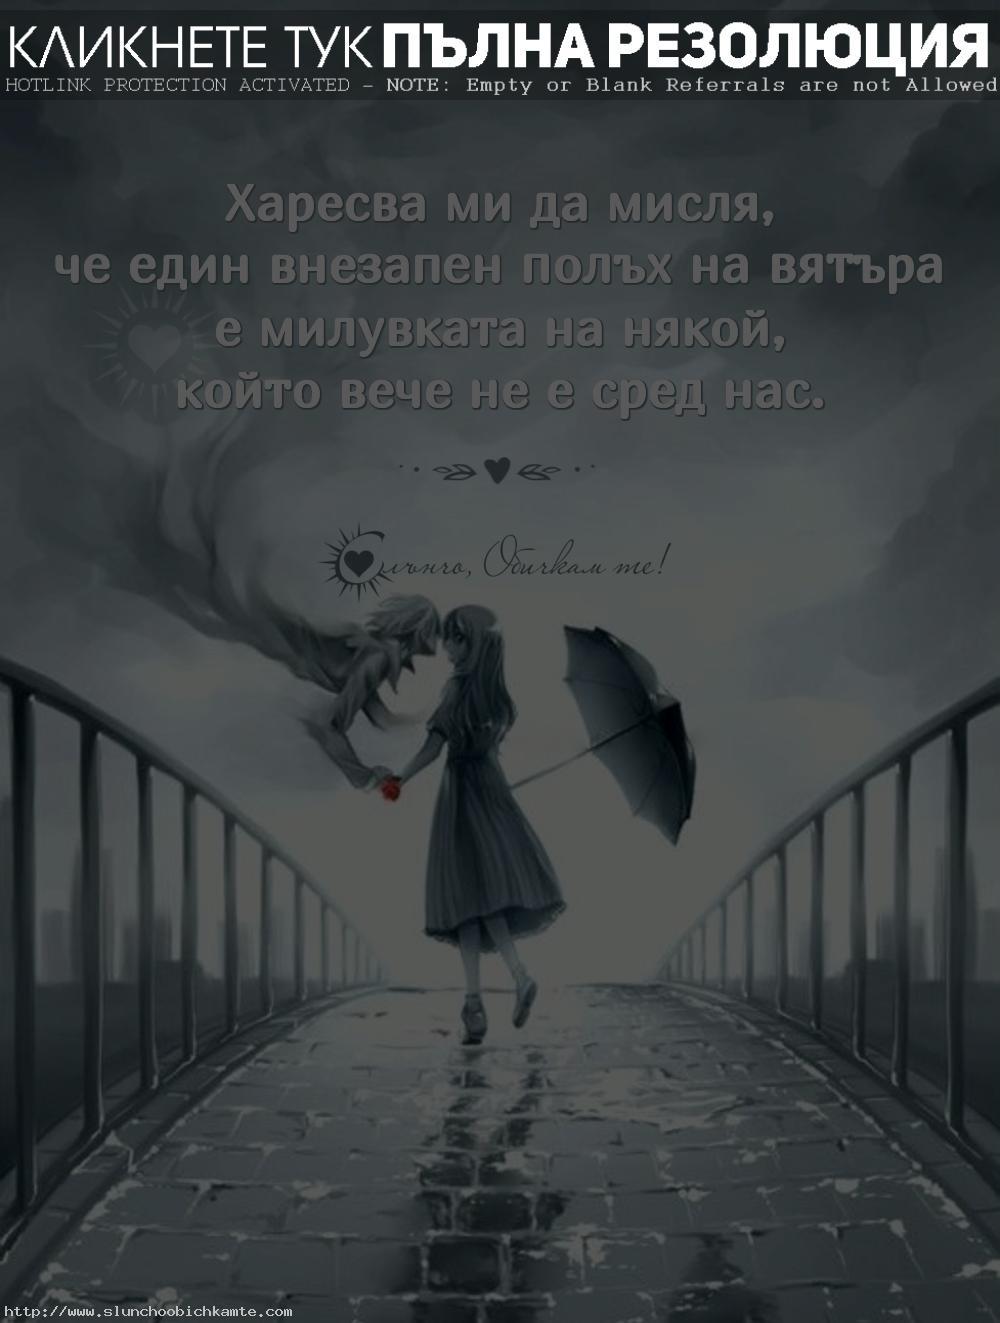 Харесва ми да мисля, че един внезапен полъх на вятъра е милувката на някой, който вече не е сред нас. - Липсваш ми татко, липсваш ми мамо, липсваш ми бабо, липсваш ми дядо, винаги ще ми липсваш, почивай в мир, обичам те